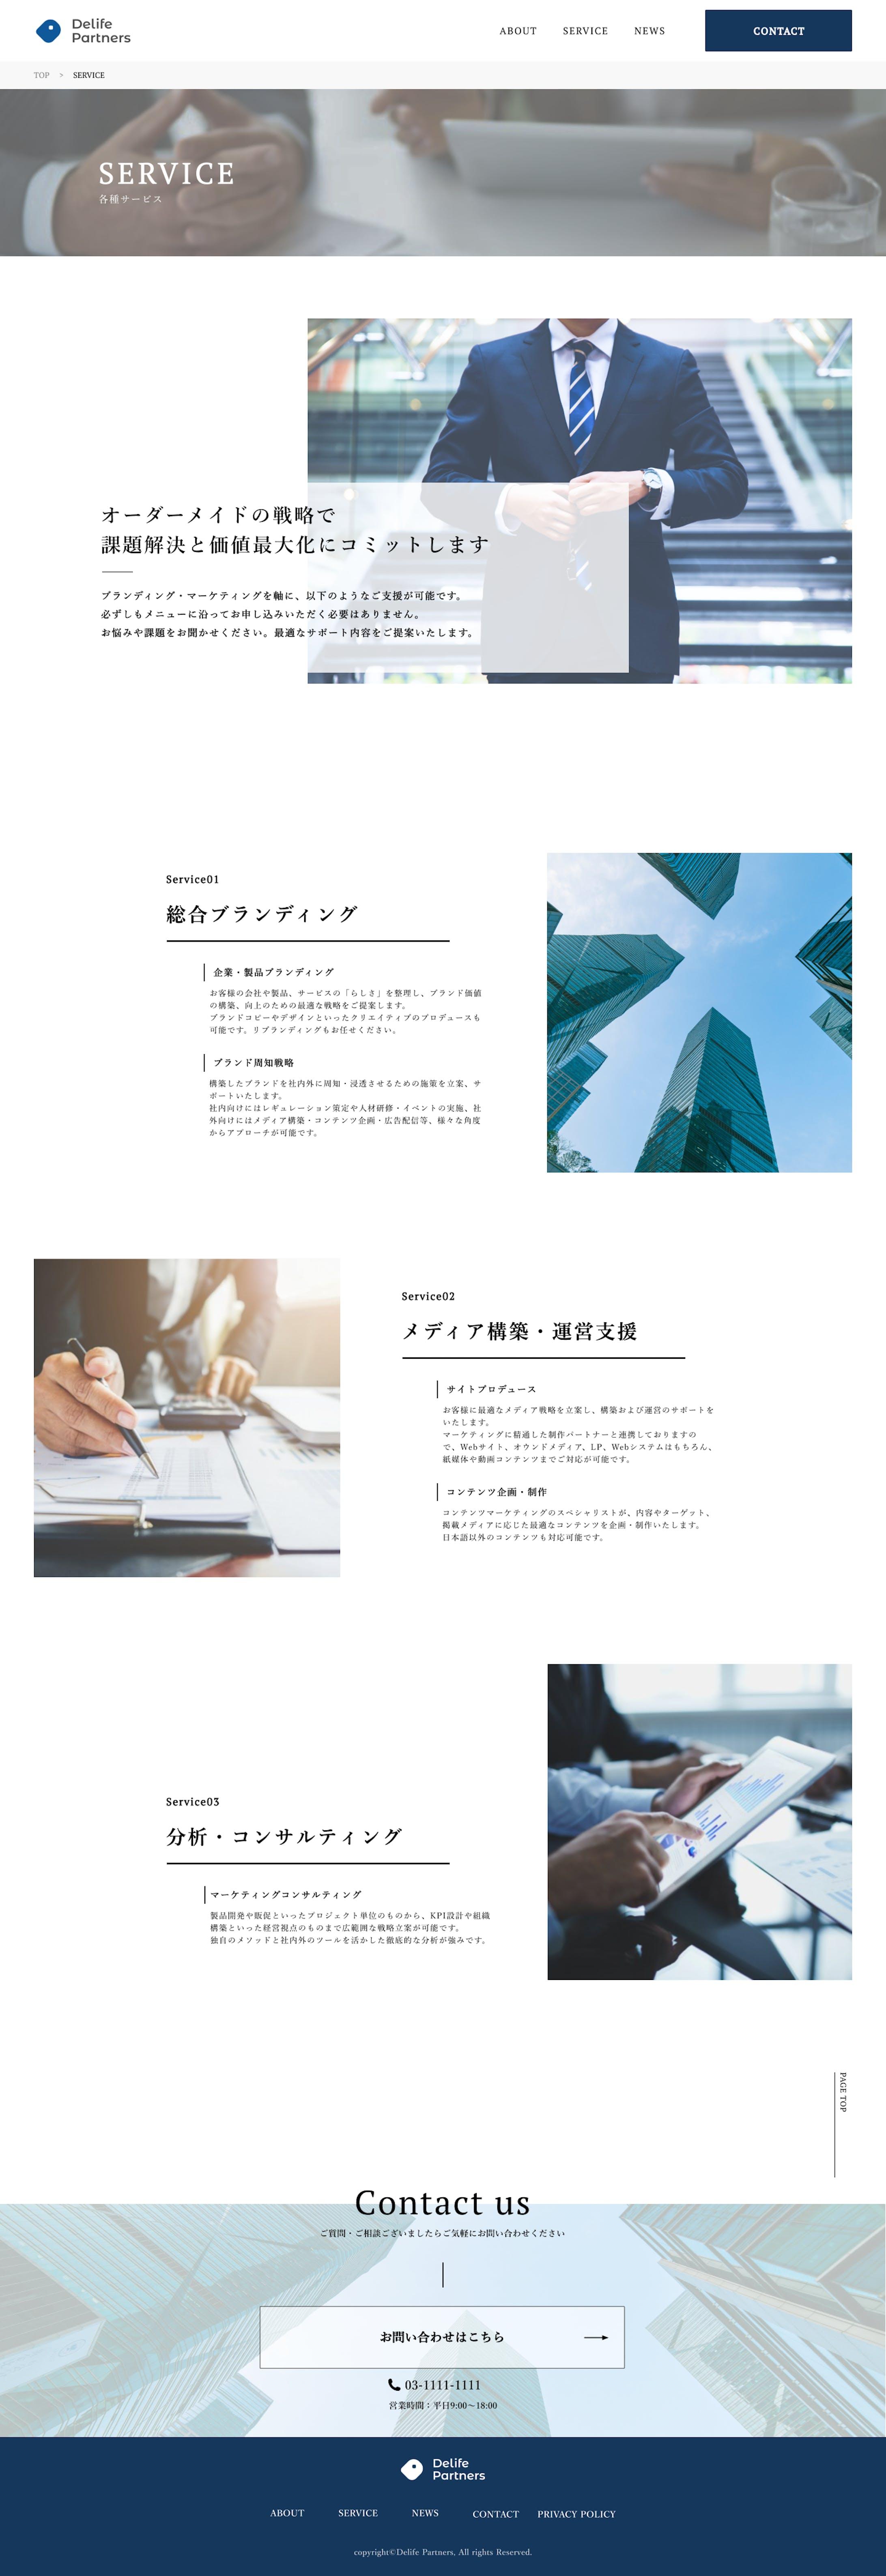 マーケティング支援/コンサルティング企業のコーポレートサイト-2